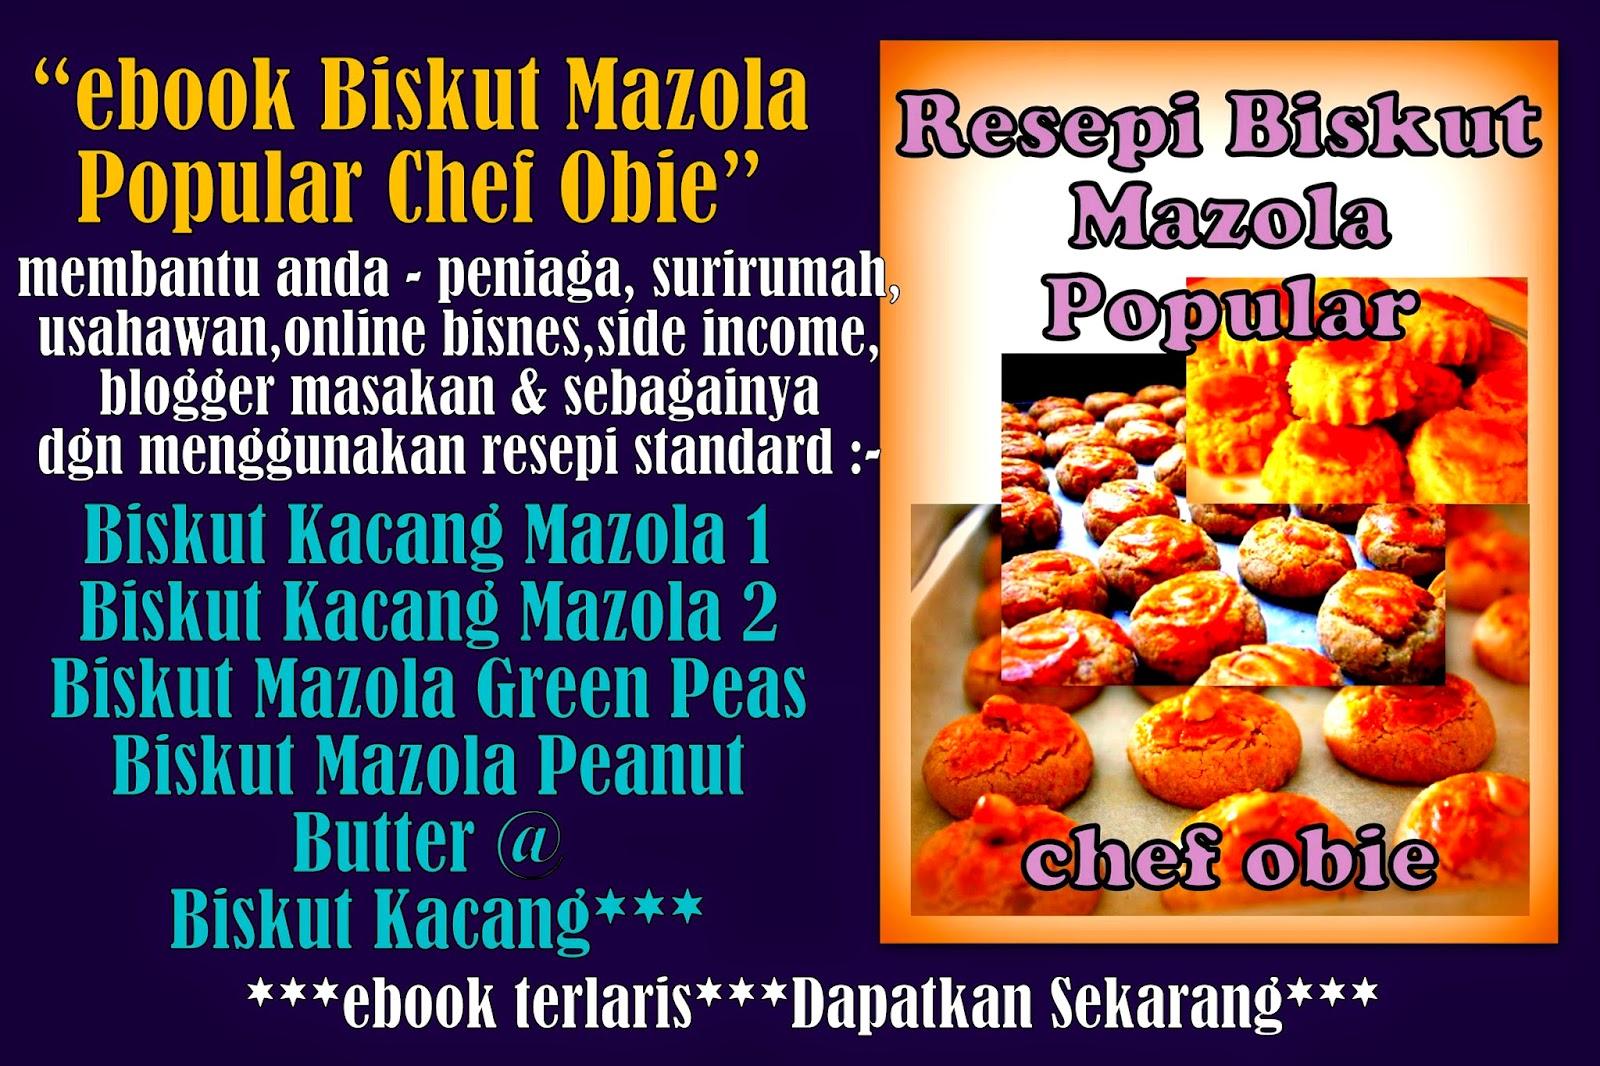 chef obie kelas masakan  info resepi dapatkan  terlaris resepi biskut mazola Resepi Biskut Mazola Chef Hanieliza Enak dan Mudah